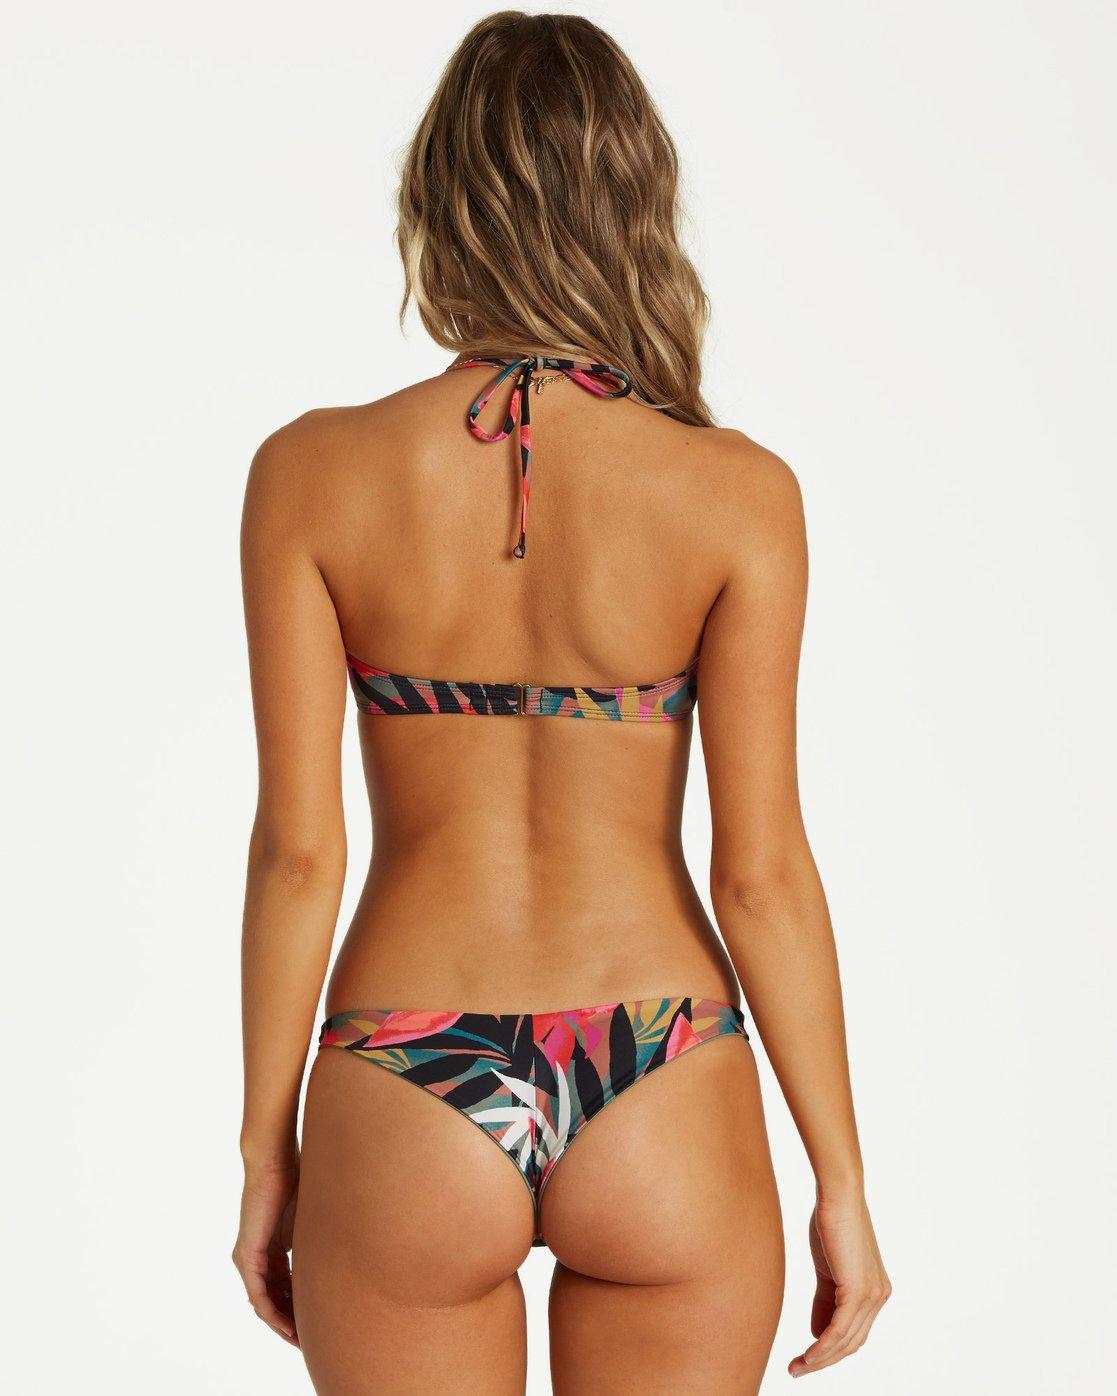 Tropic Nights Bandeau Bikini Top